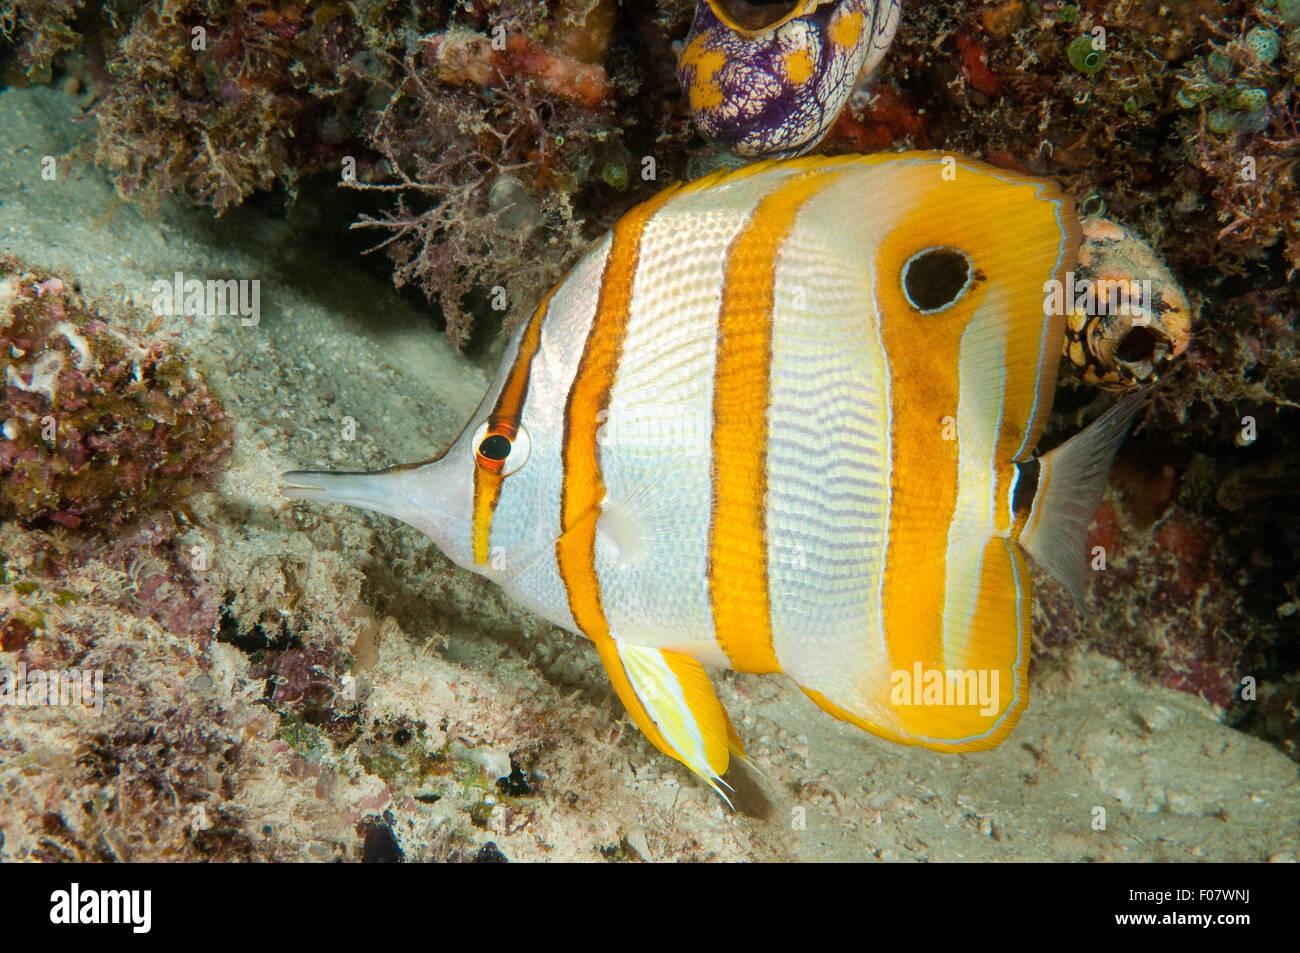 Beaked Coralfish (Chelmon rostratus) - Stock Image